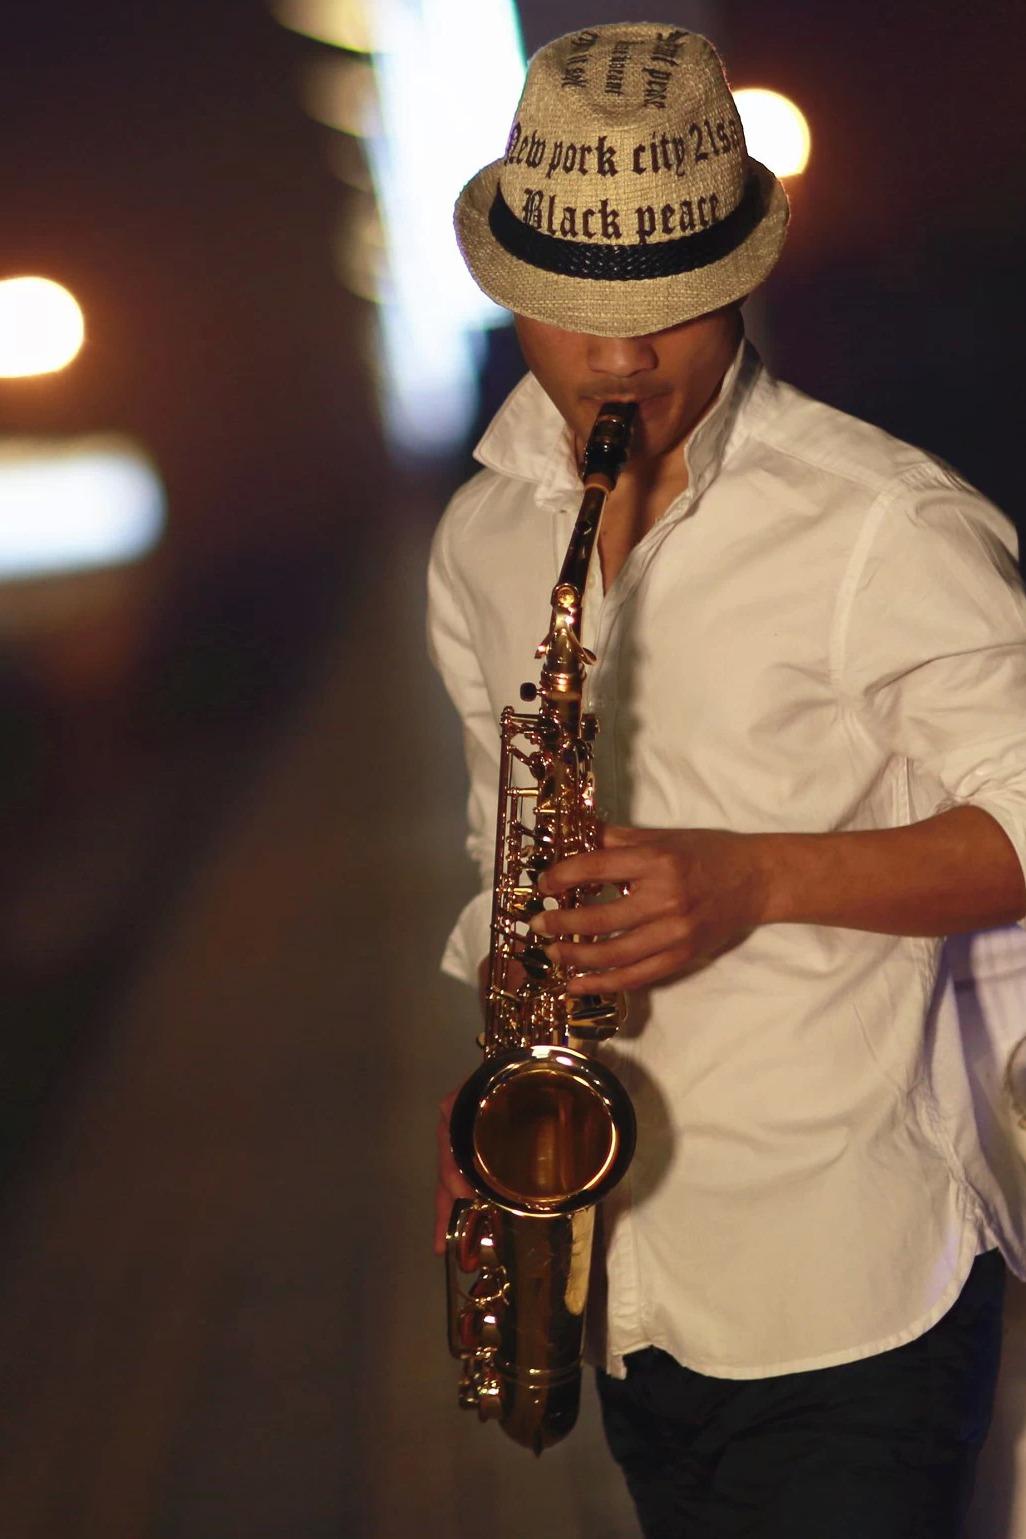 赣州市舞指音乐免费萨克斯公开课教学【第一期】